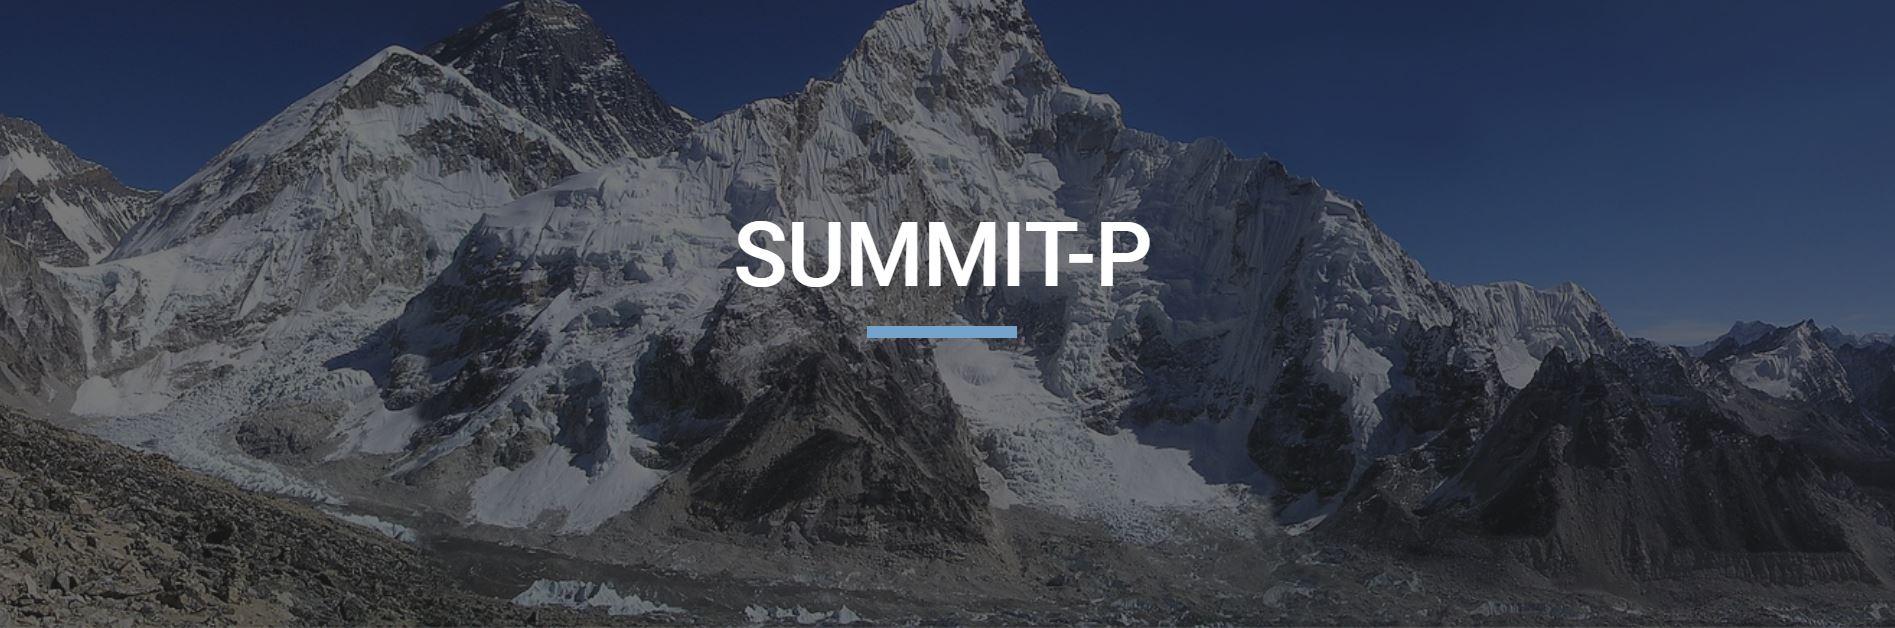 SummitP.JPG